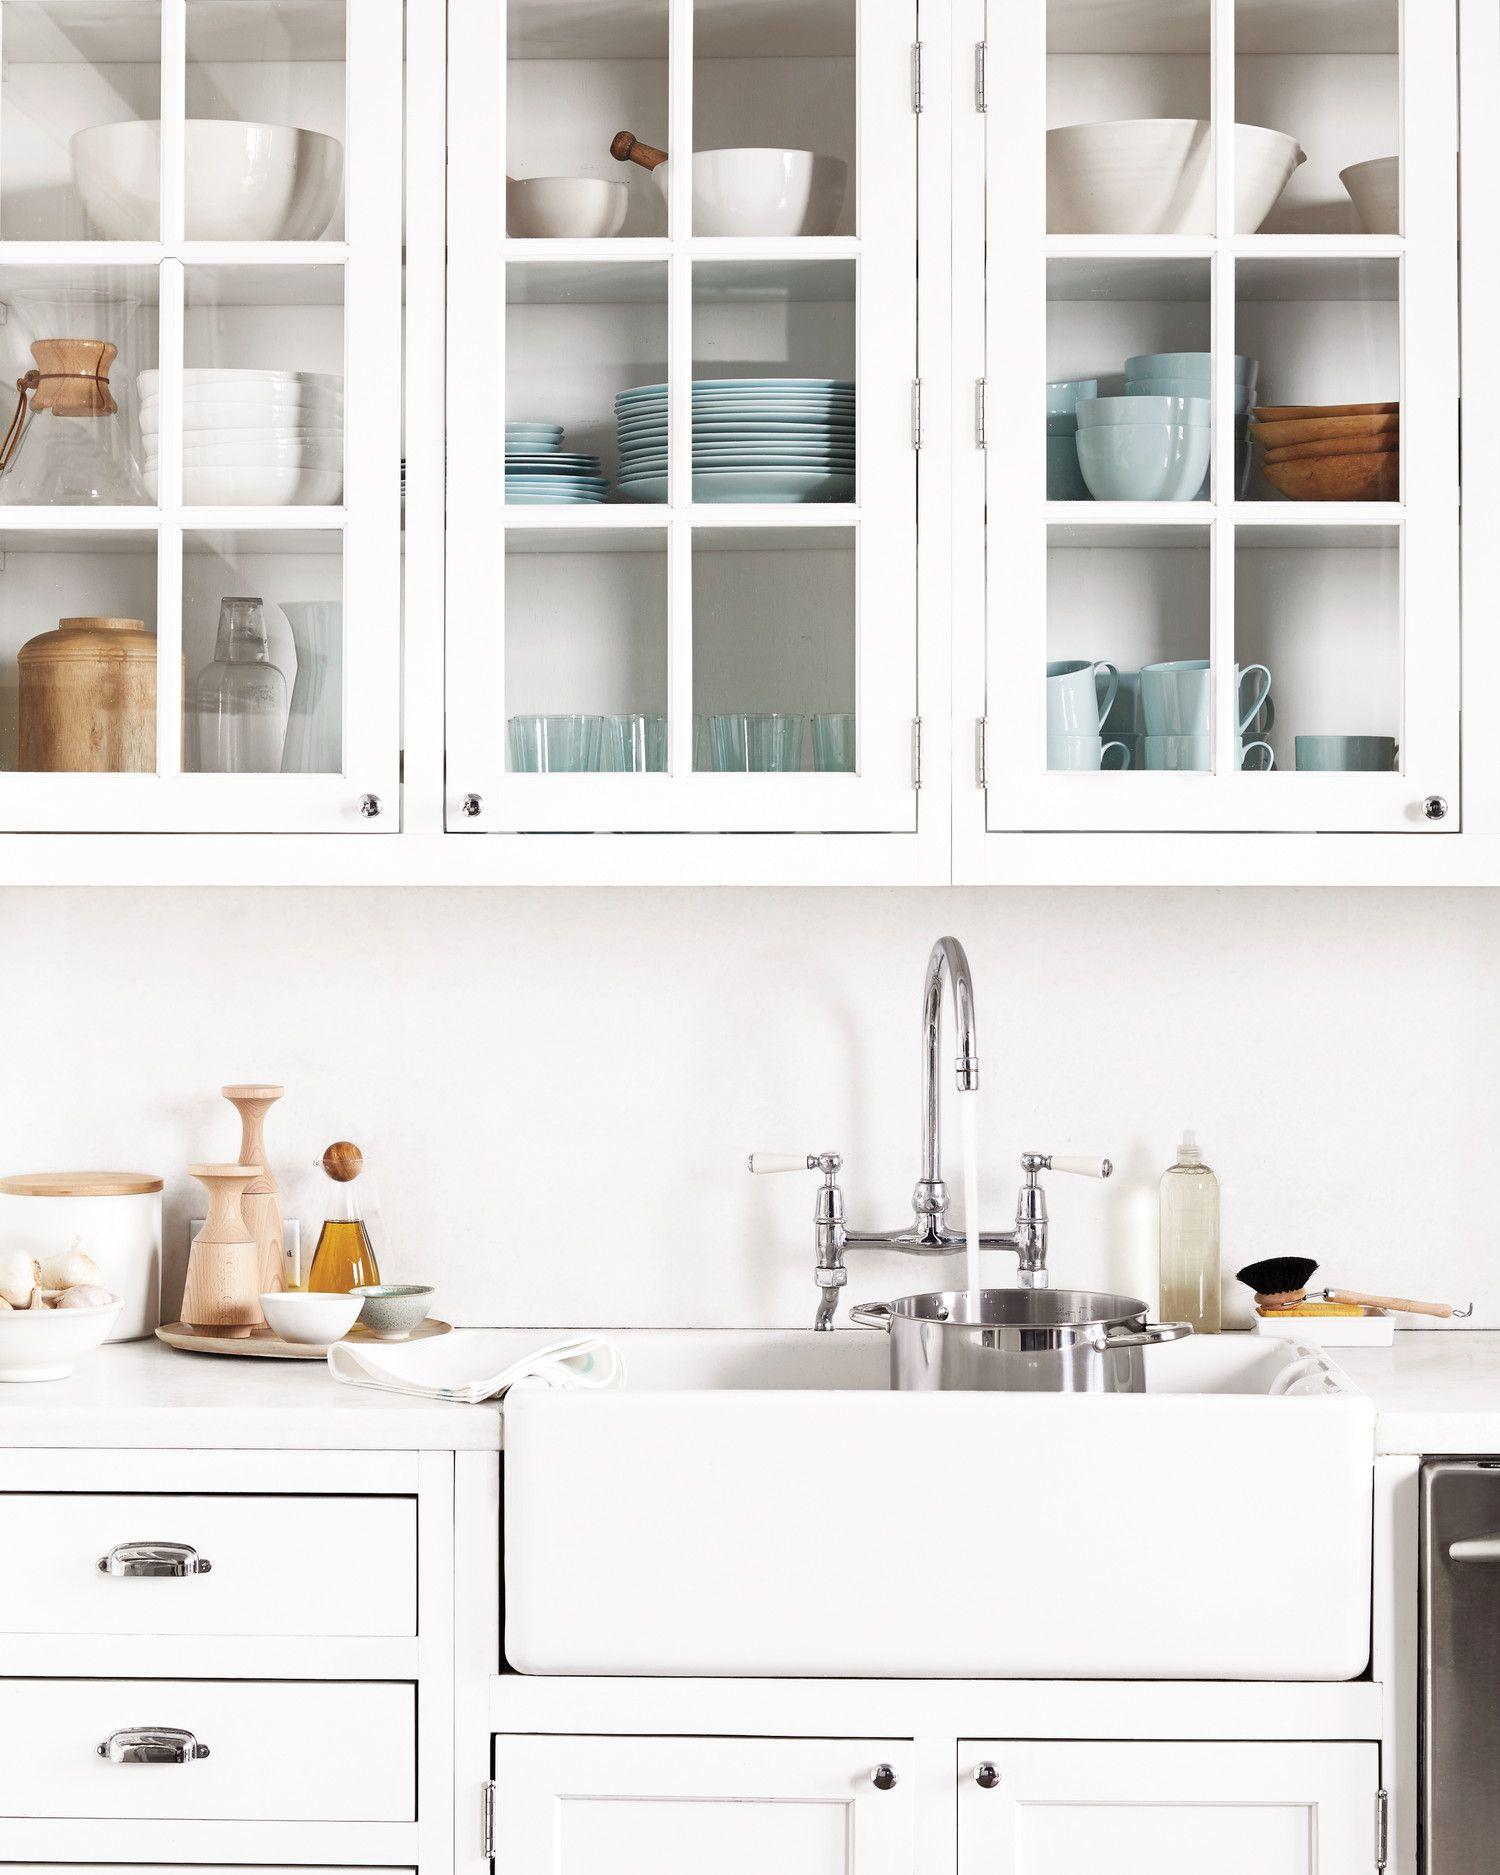 Martha Stewart S Kitchen Secrets 15 Creative Tricks To Make Cleaning A Cinch Kitchen Cupboard Designs Clean Kitchen Cabinets Martha Stewart Kitchen